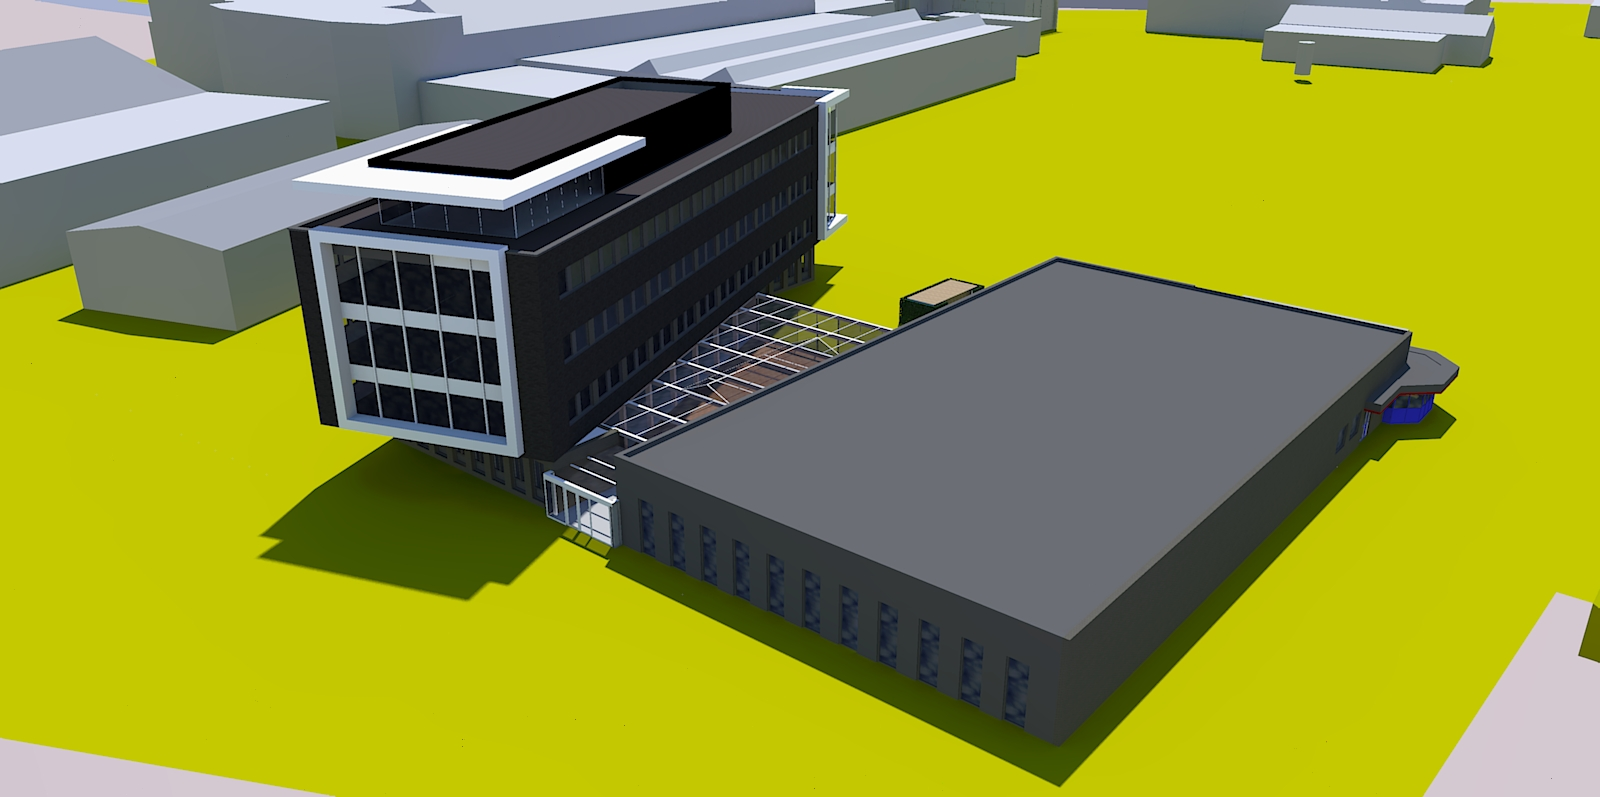 2018 Nieuwbouw kantoor 28 VO 3